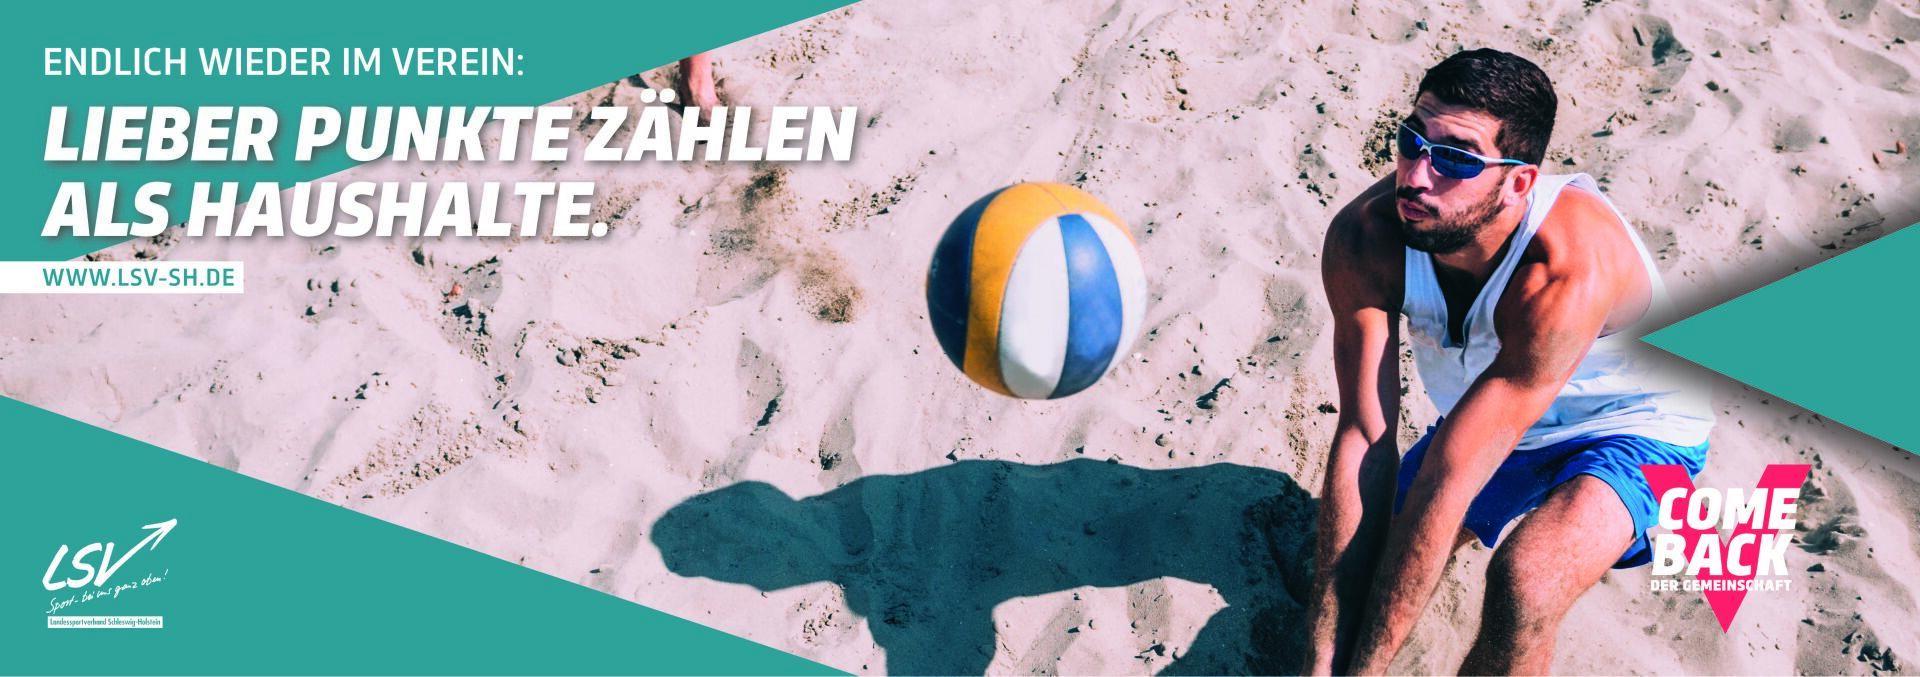 Werbebanner Punkte zählen Volleyball